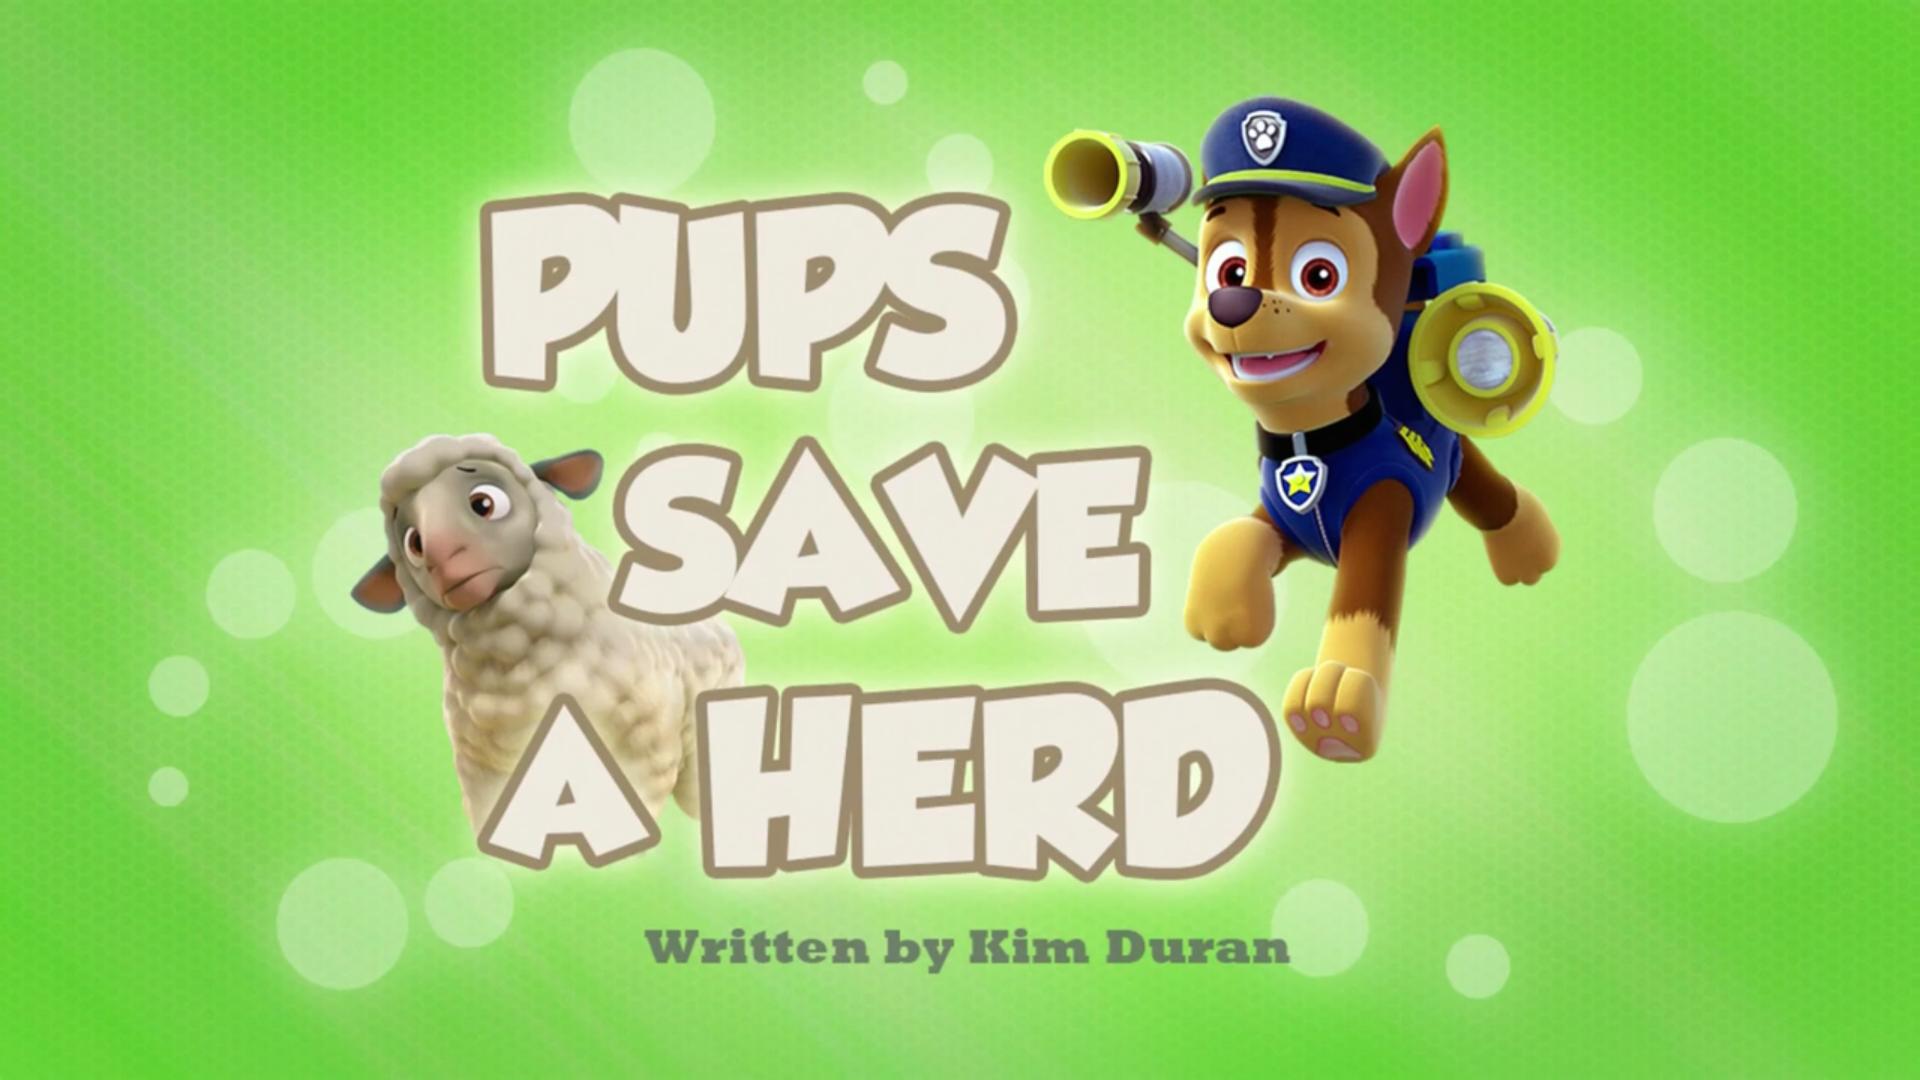 Pups Save A Herd Paw Patrol Wiki Fandom Powered By Wikia